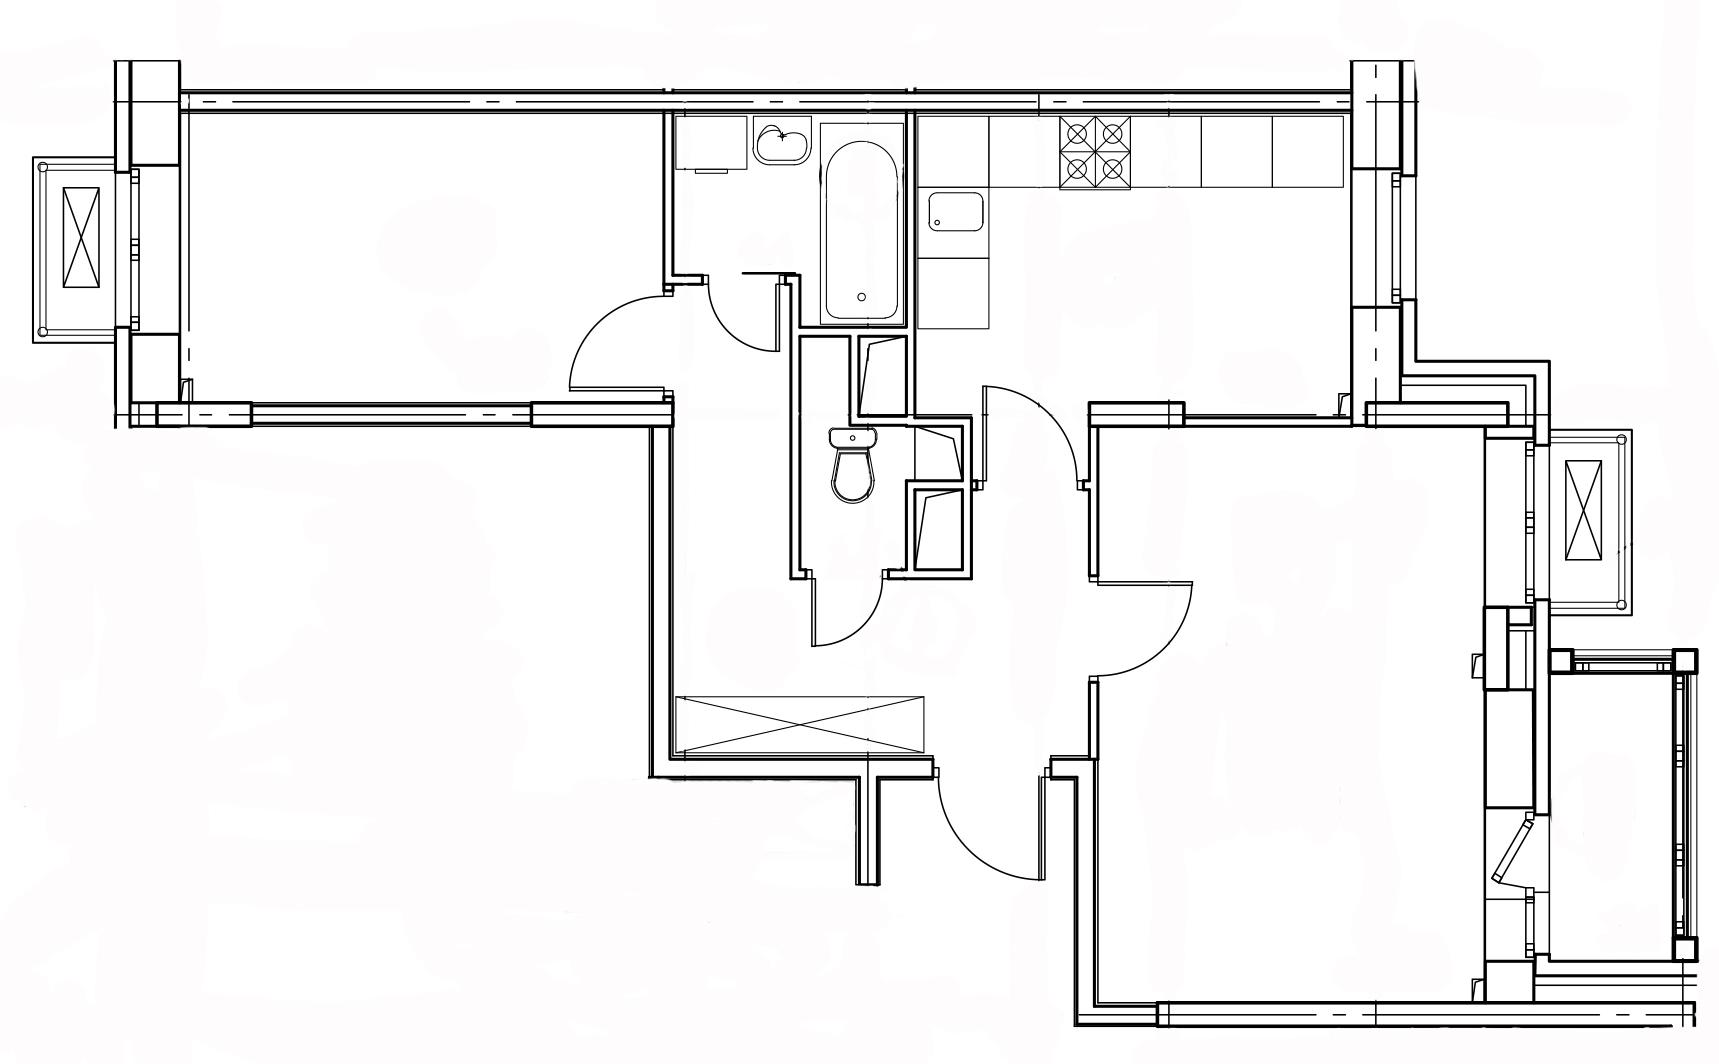 2-комнатная квартира в Митино О2, дом №8, квартира №08-436